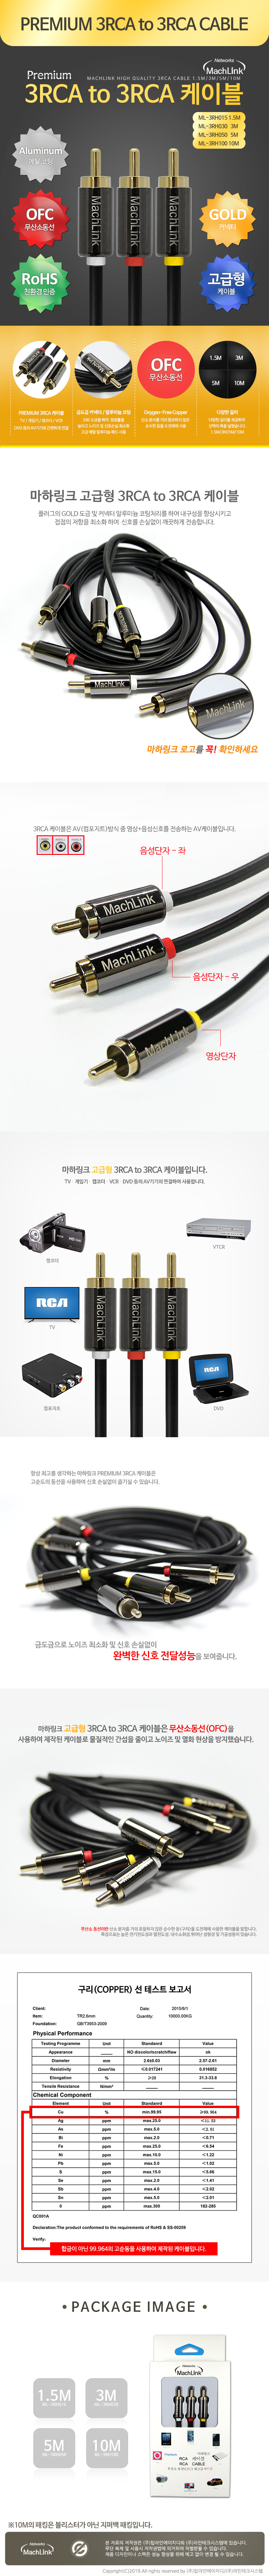 마하링크  3RCA to 3RCA 케이블(10m, ML-3RH100)